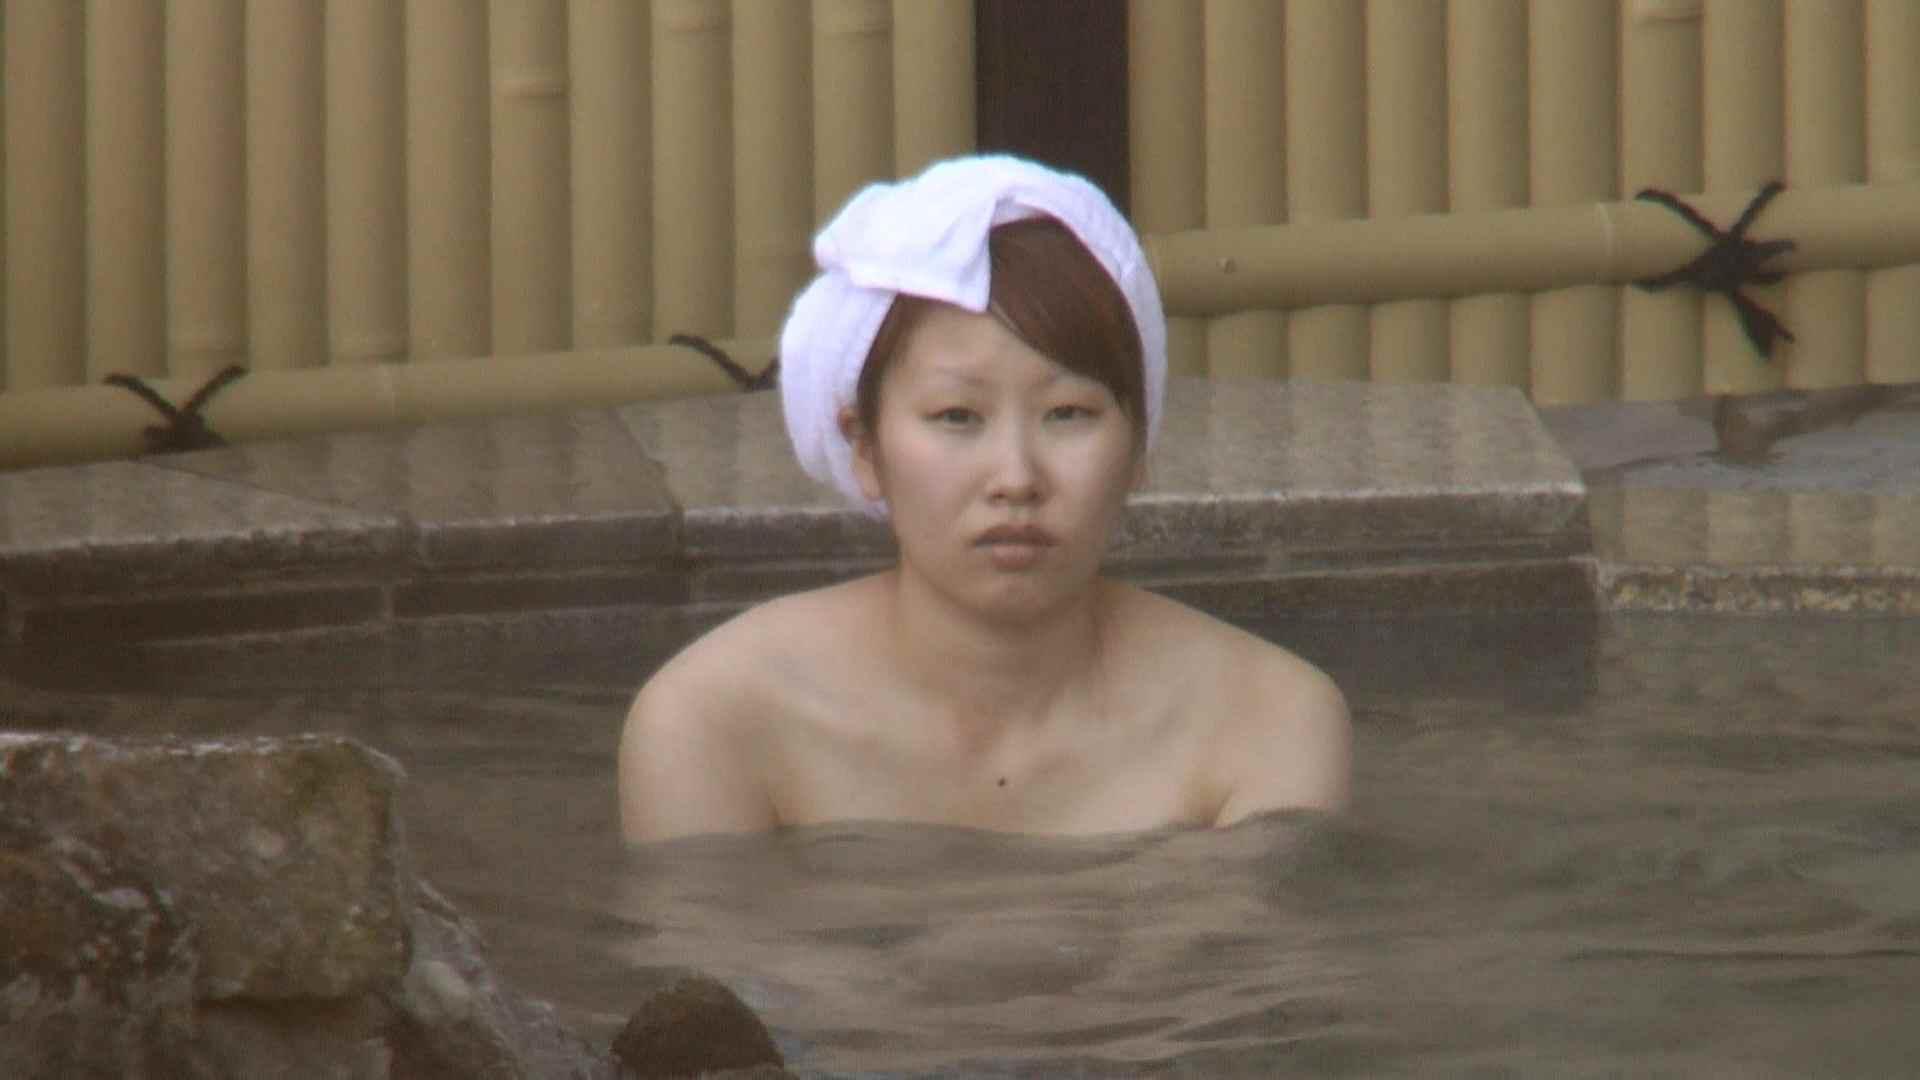 Aquaな露天風呂Vol.210 美しいOLの裸体  75pic 21